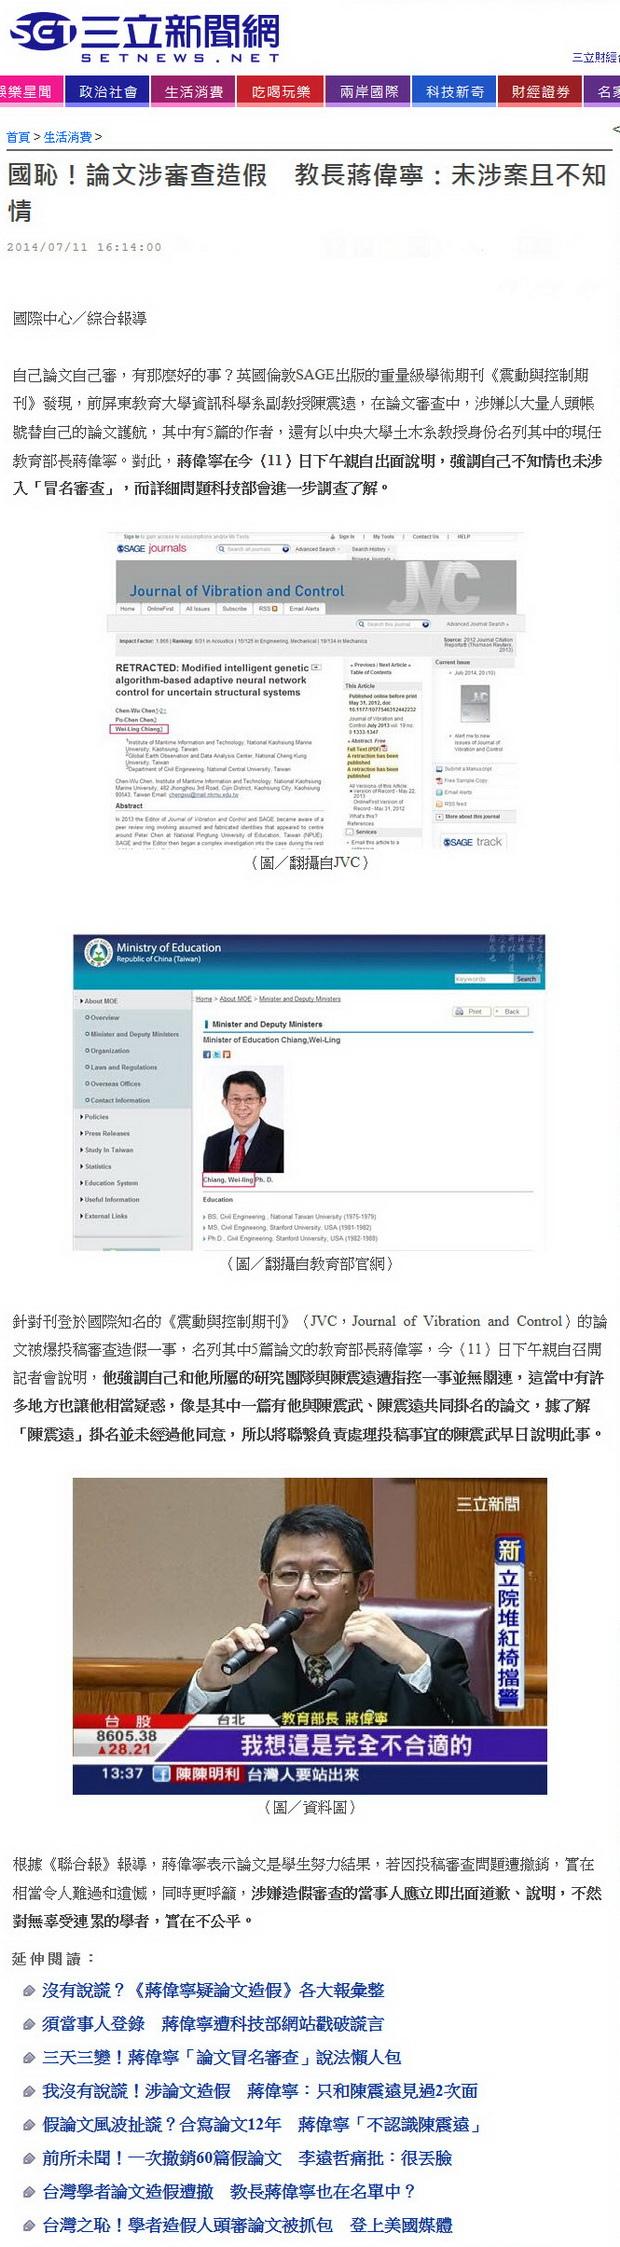 國恥!論文涉審查造假 教長蔣偉寧:未涉案且不知情-2014.07.11.jpg